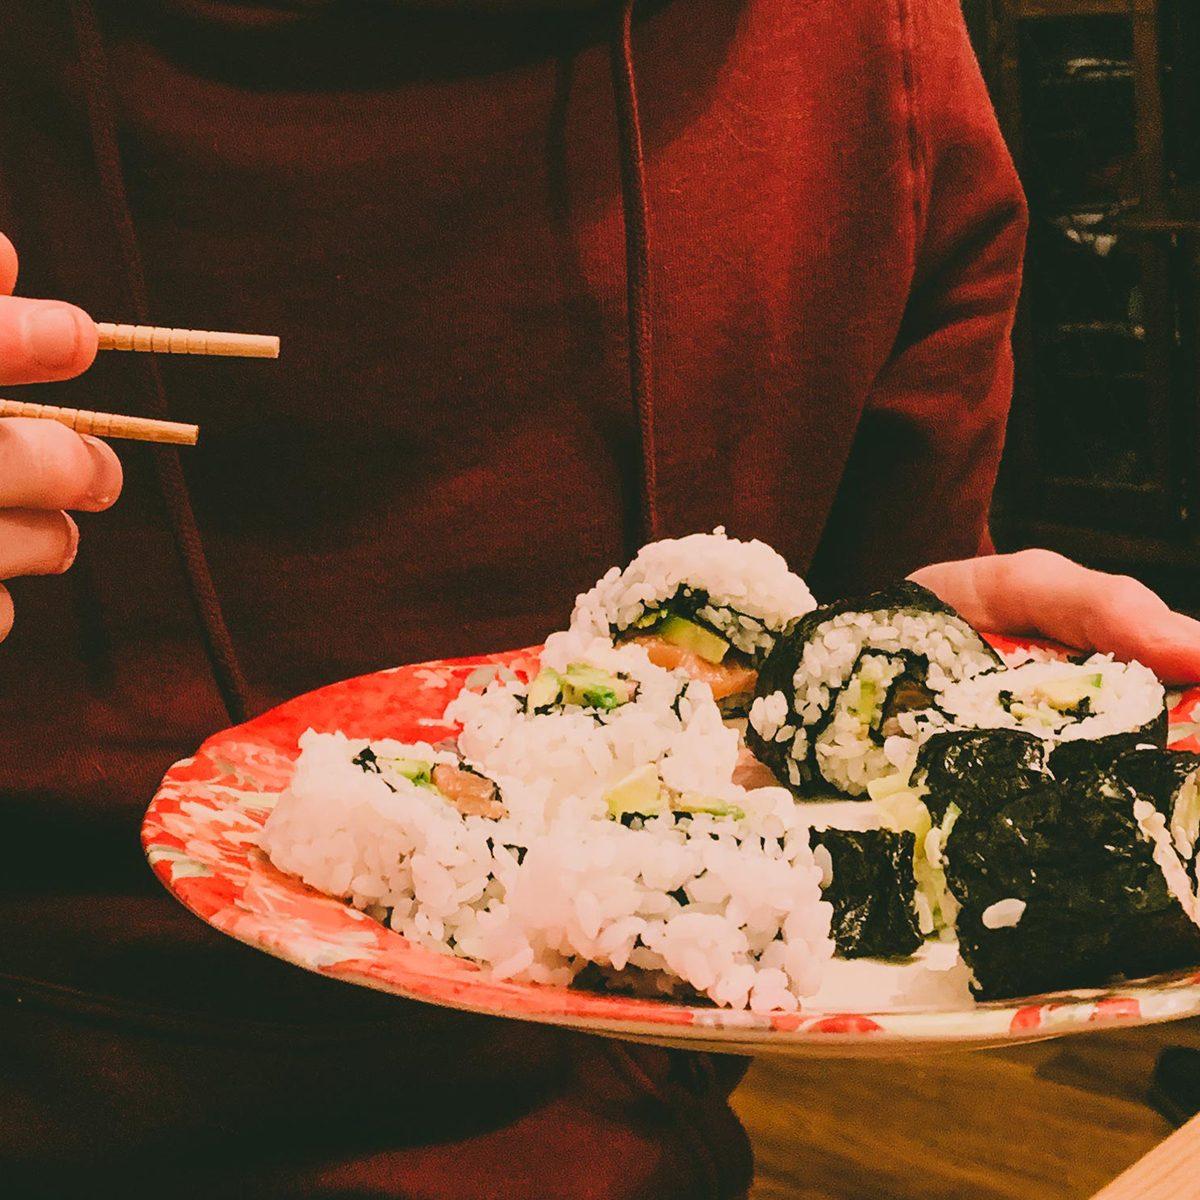 Recreating a foodie trip to Japan